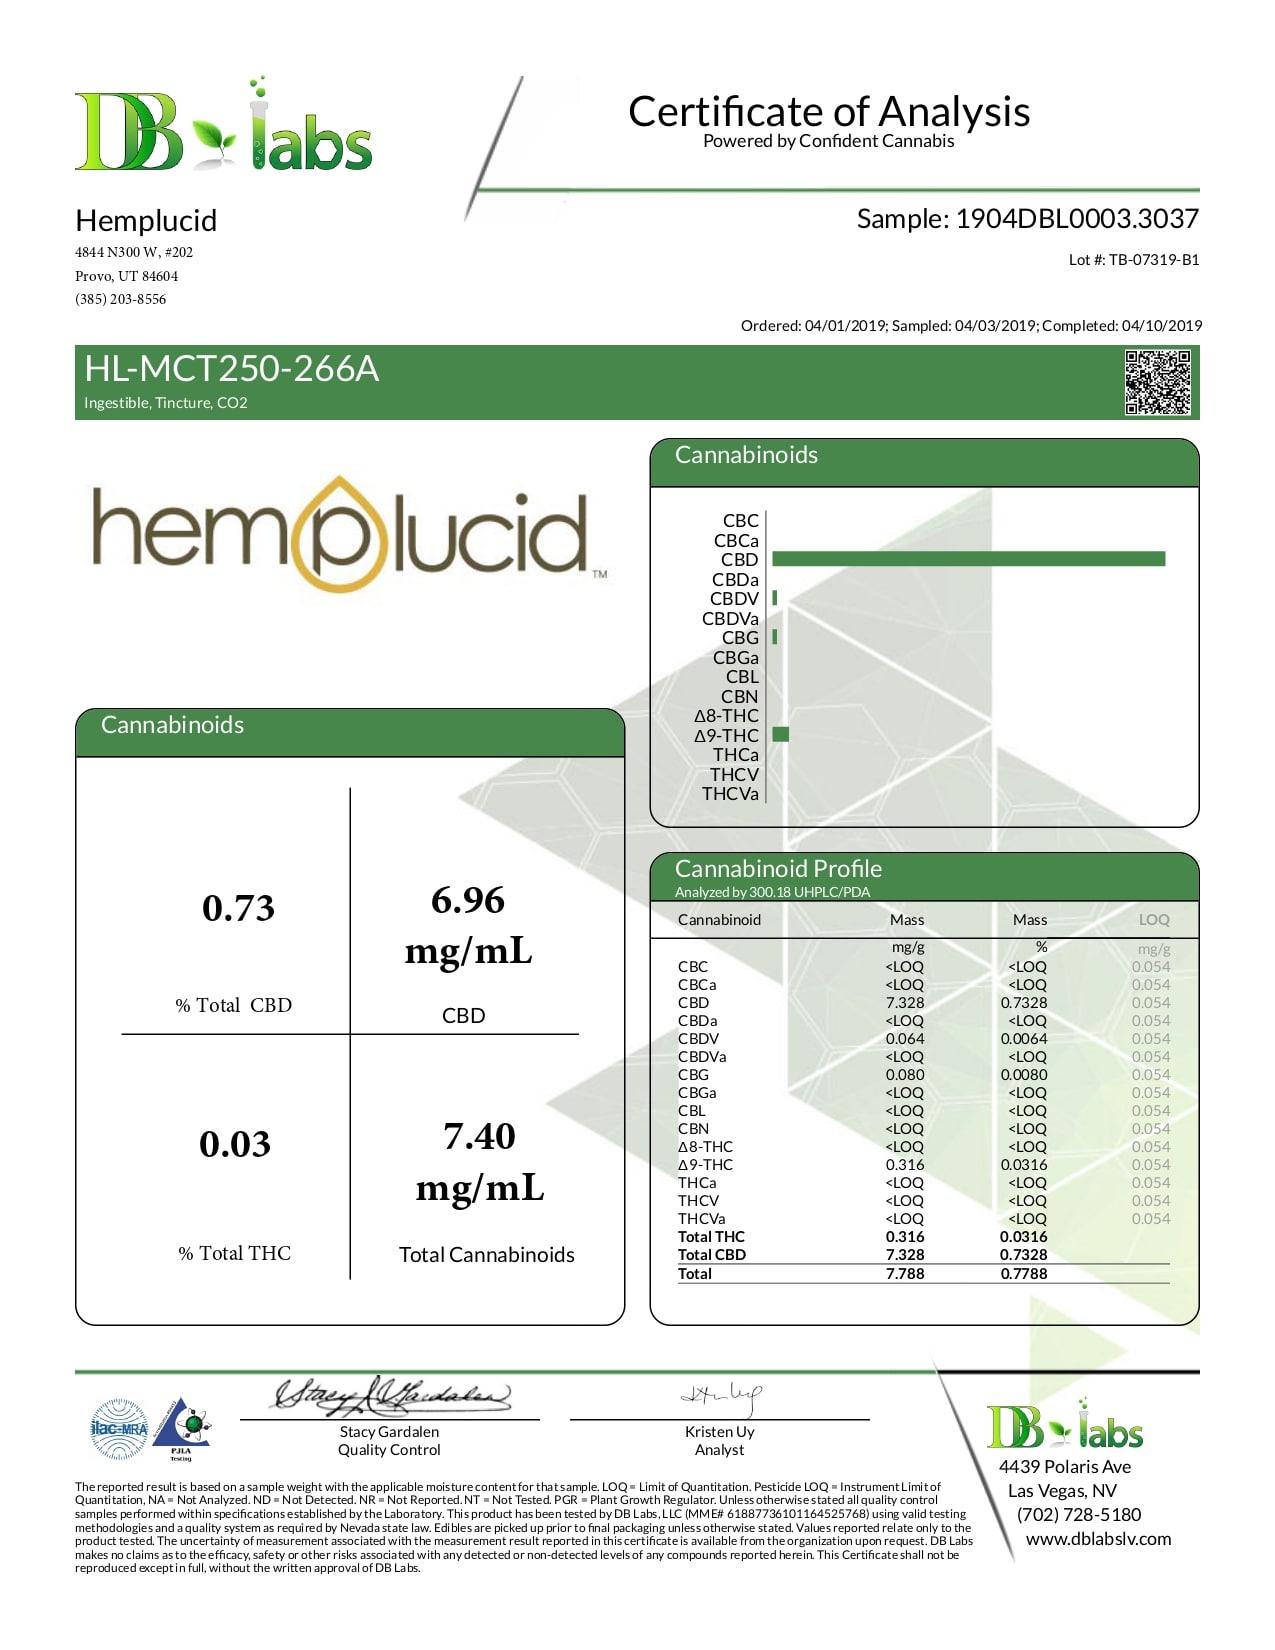 Hemplucid Full Spectrum CBD in MCT Oil 250mg Lab Report